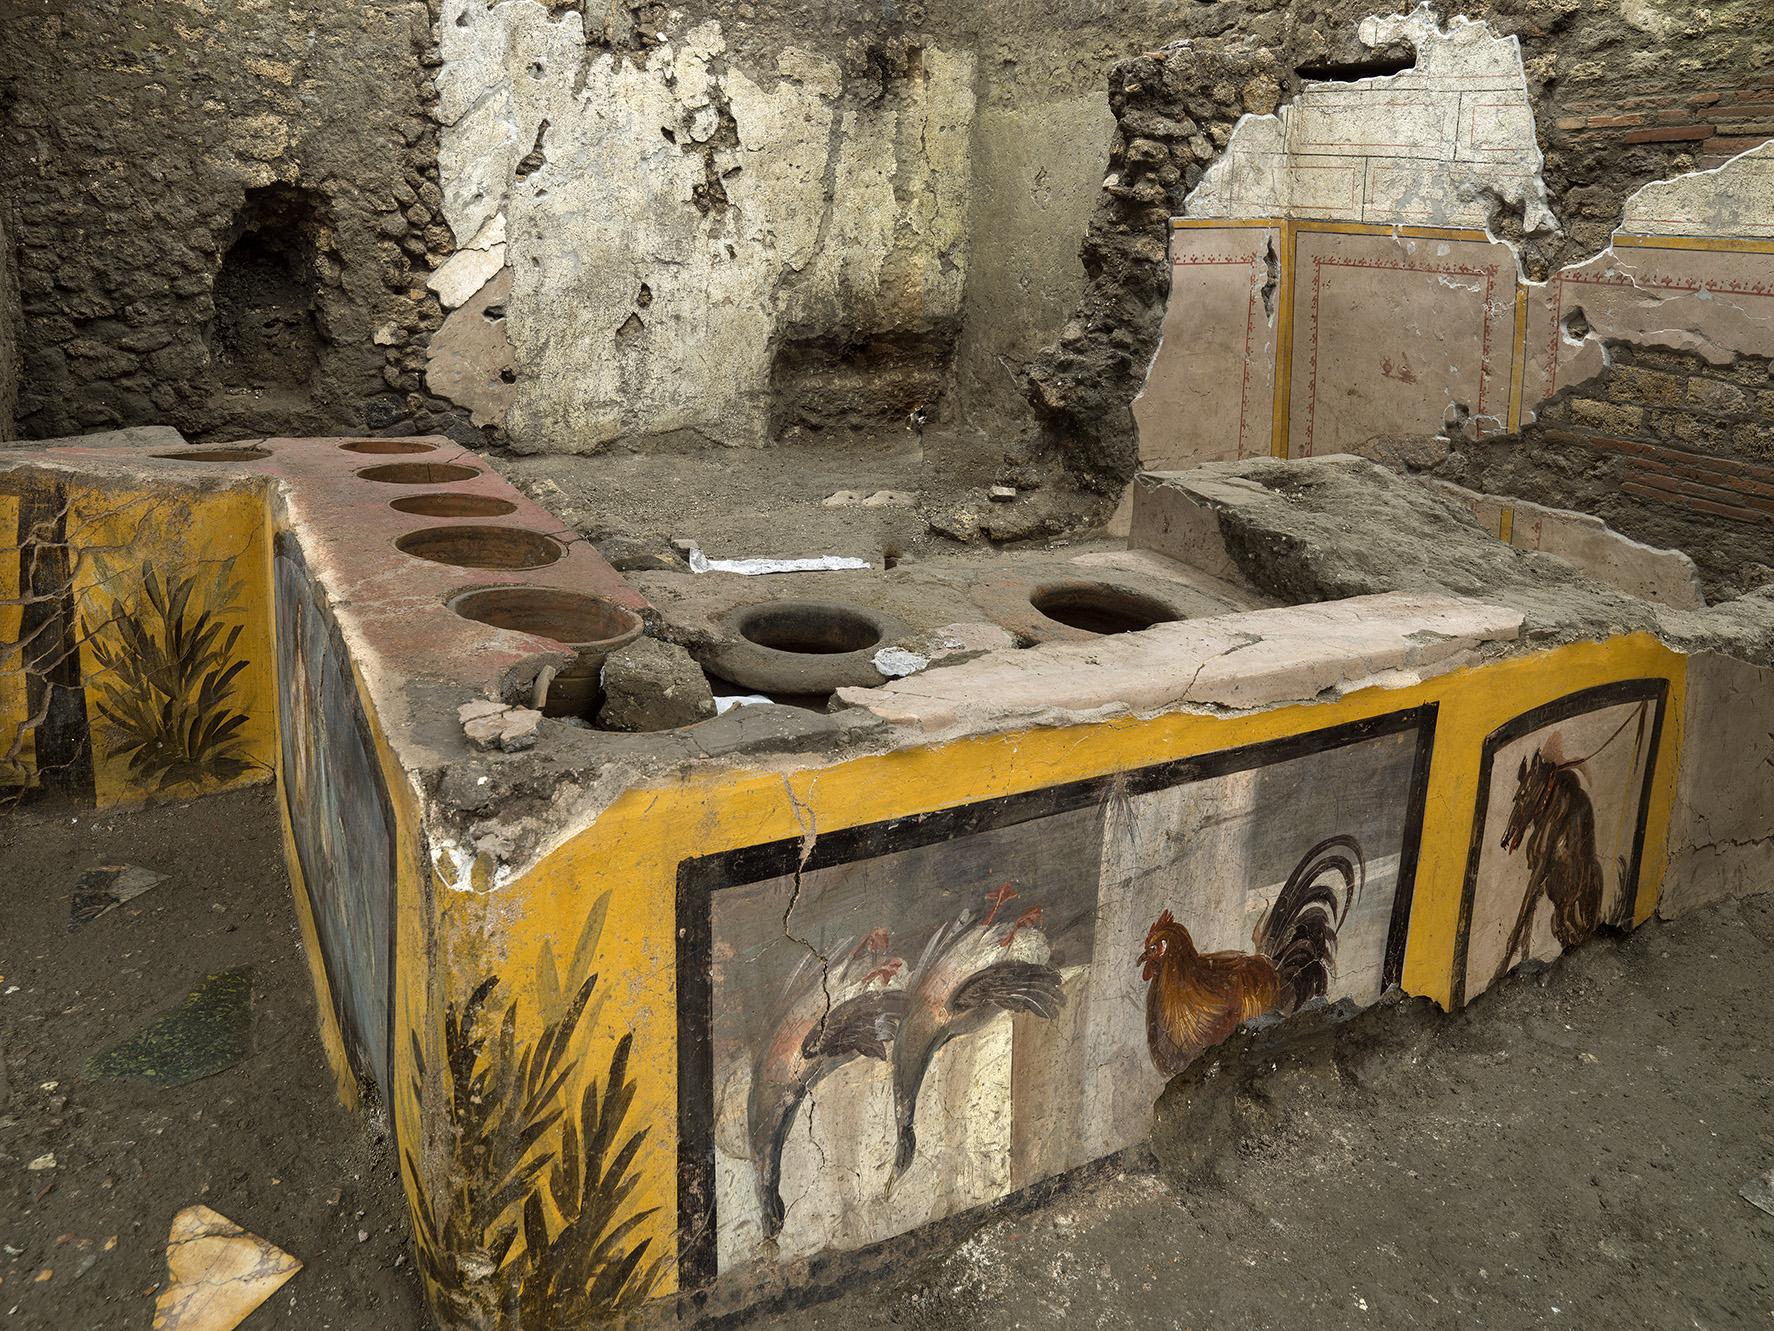 pompei_Termopolio Regio V 07_decorazione-con-anatre-e-pollame_foto-luigi-spina